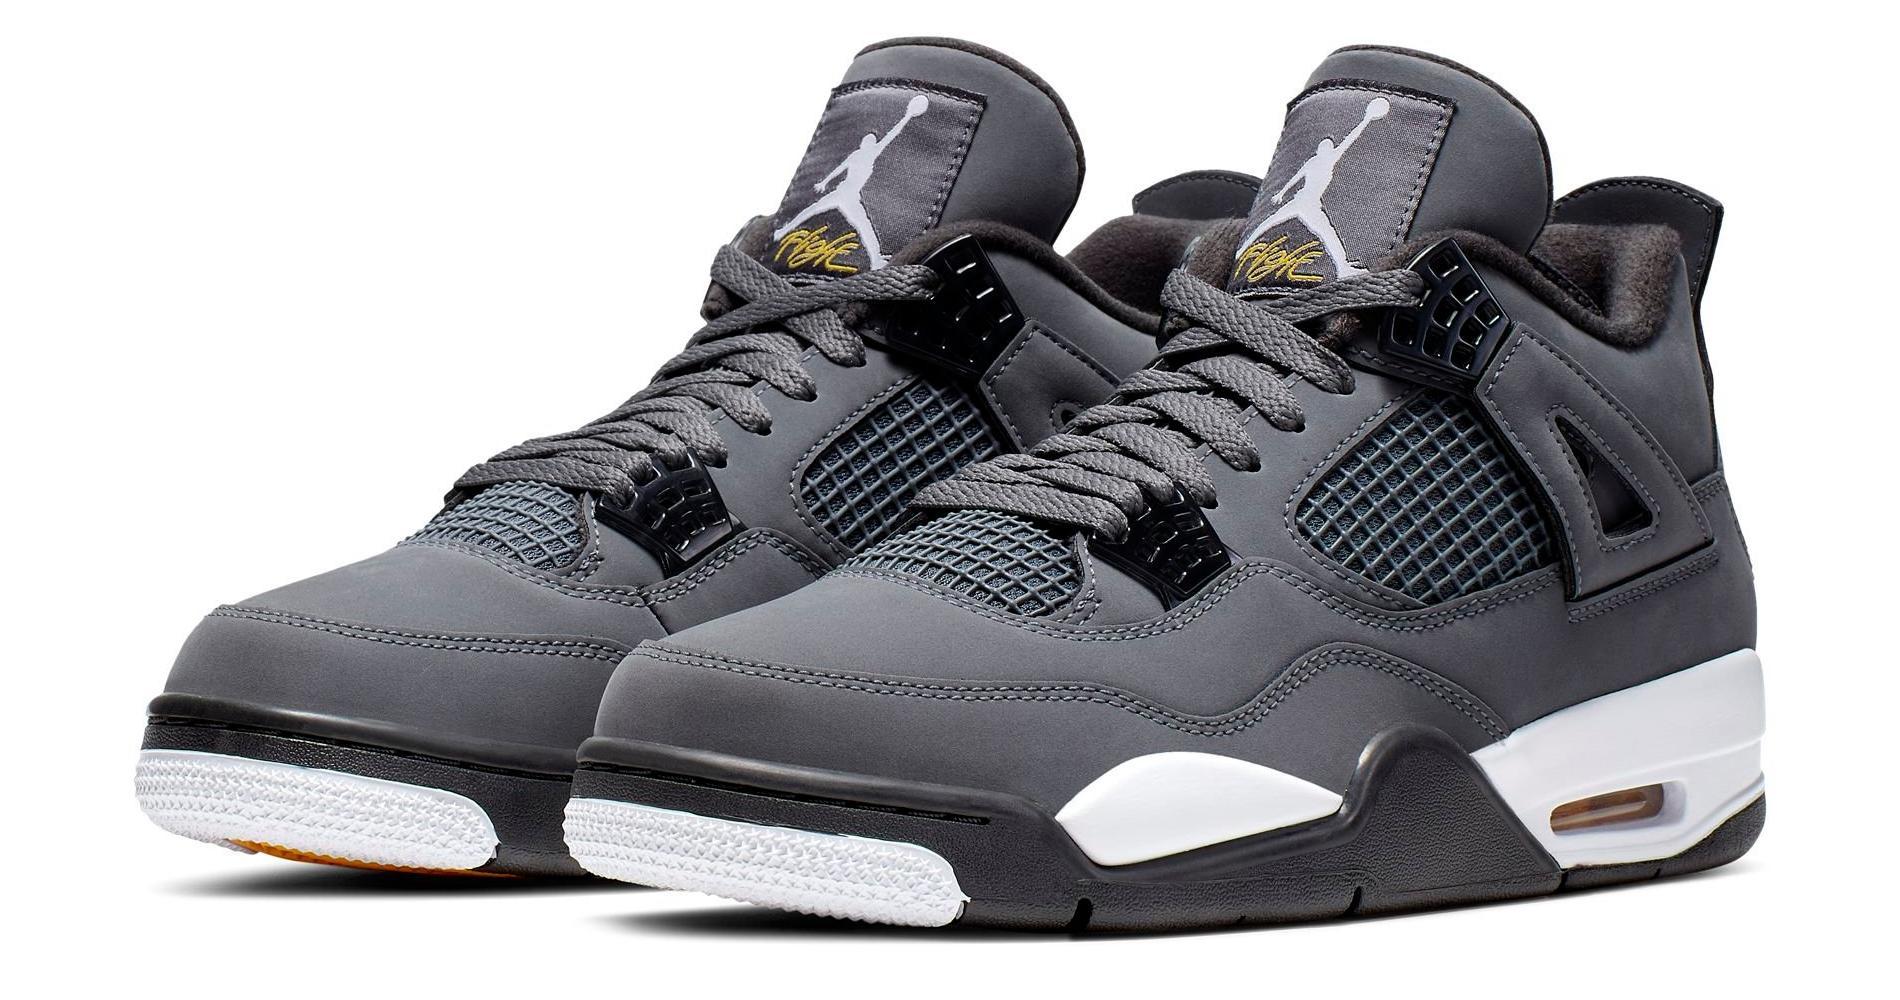 """Sneaker Release: Air Jordan 4 Retro """"Cool Grey"""""""